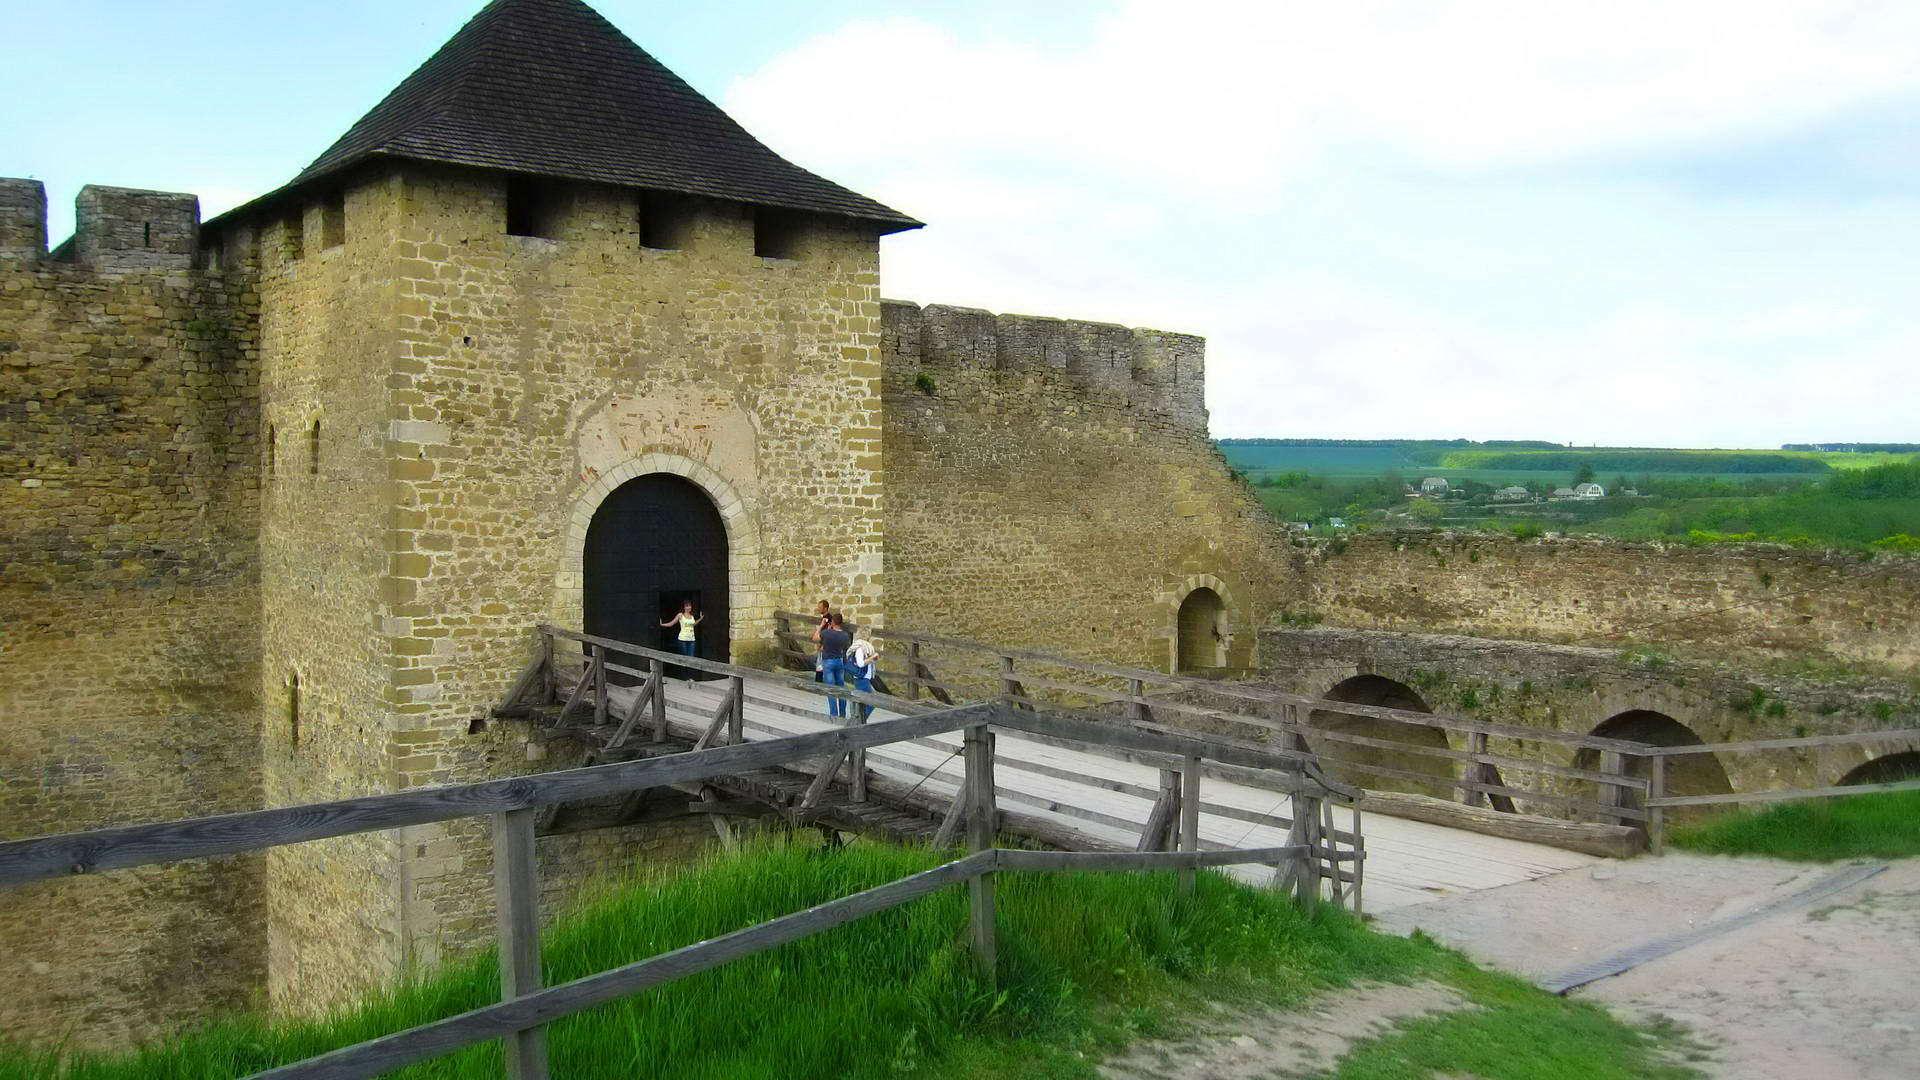 Хотинська фортеця, В'їзна (Надбрамна) вежа